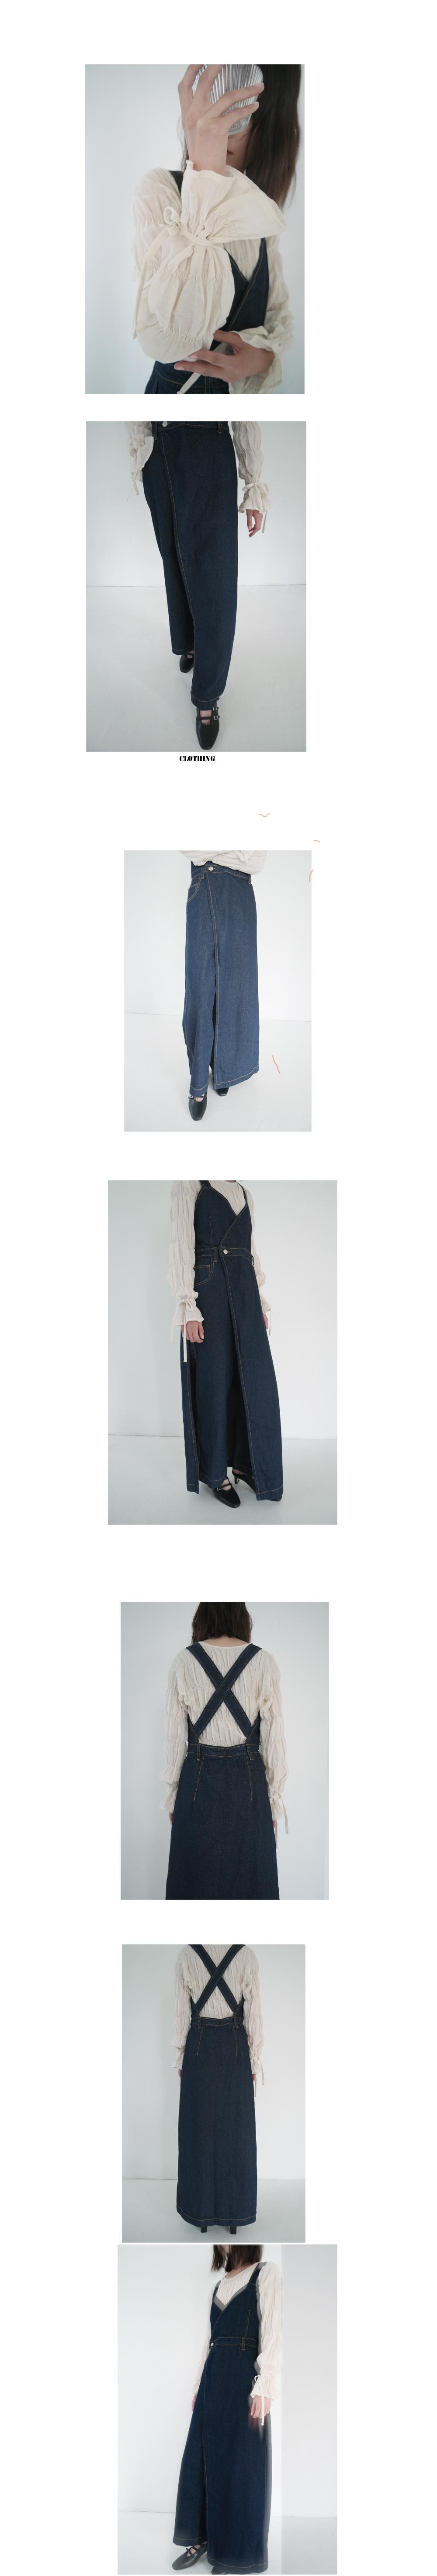 rimple texture blouse (2colors)